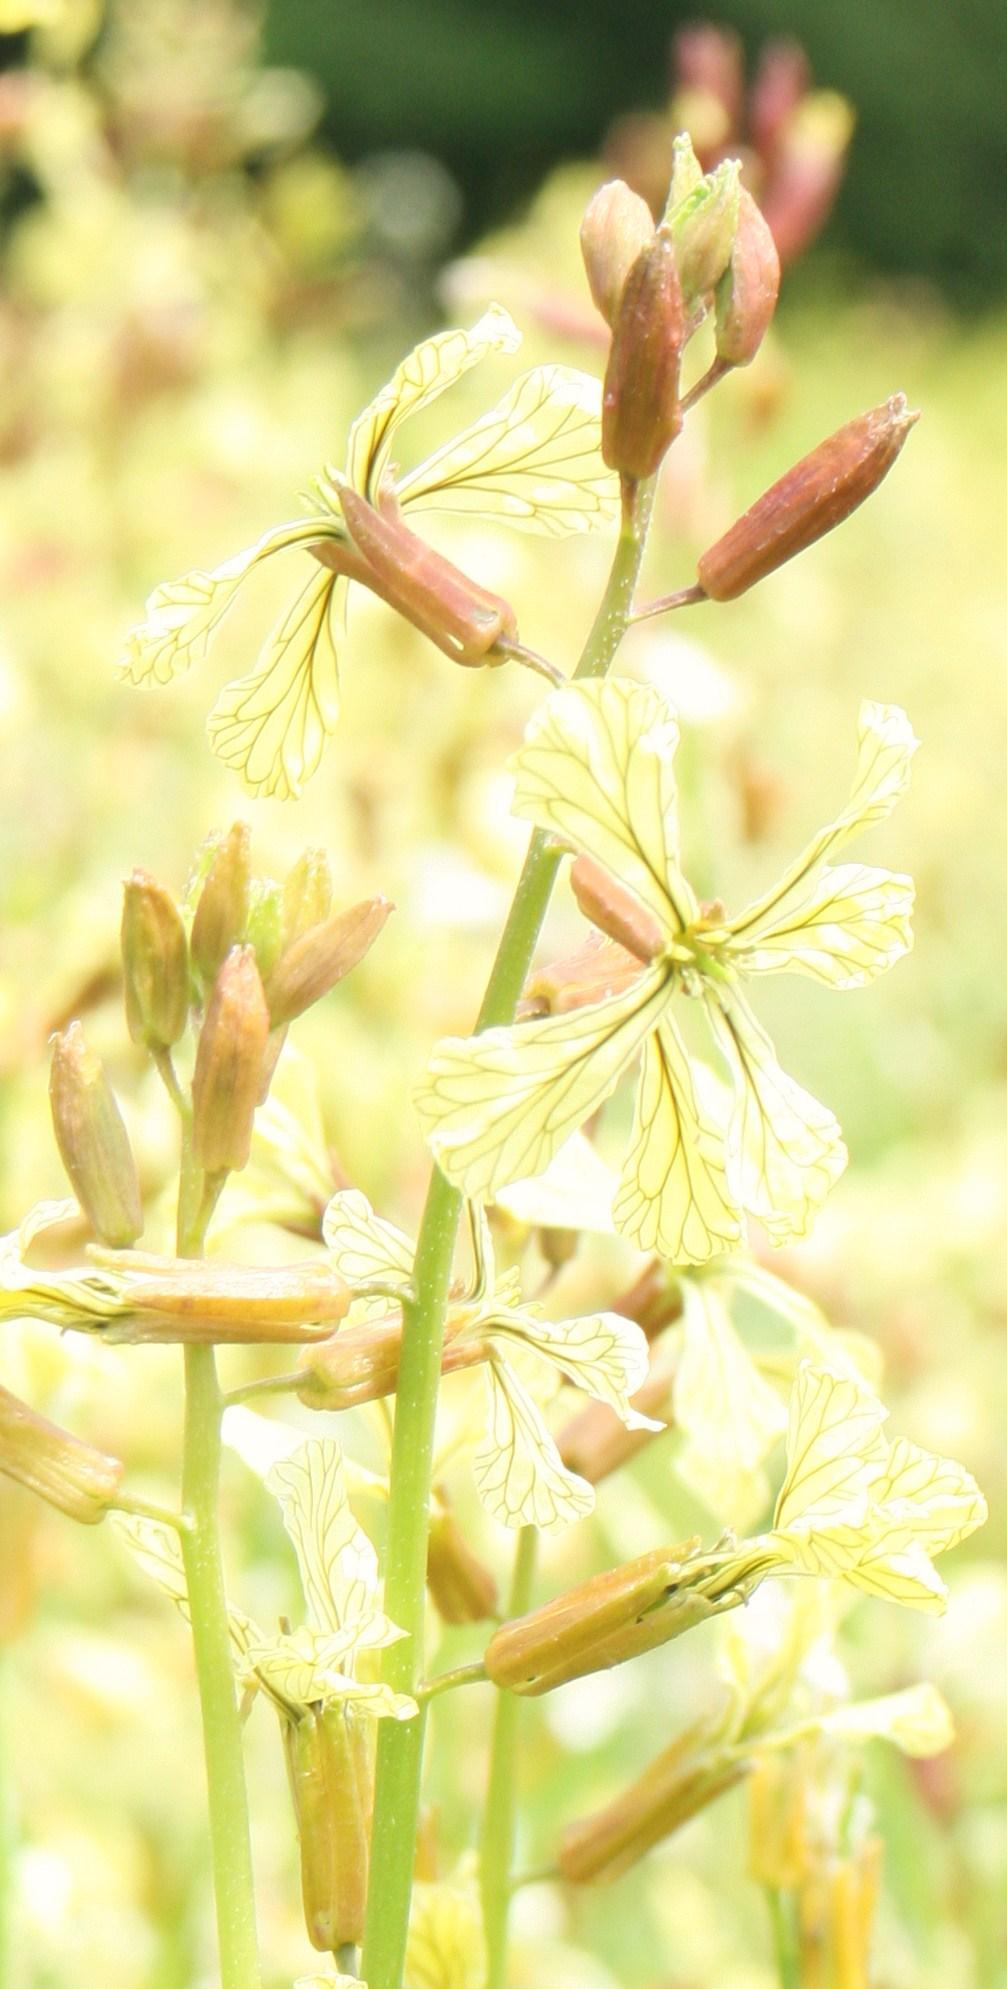 Rocket flowers